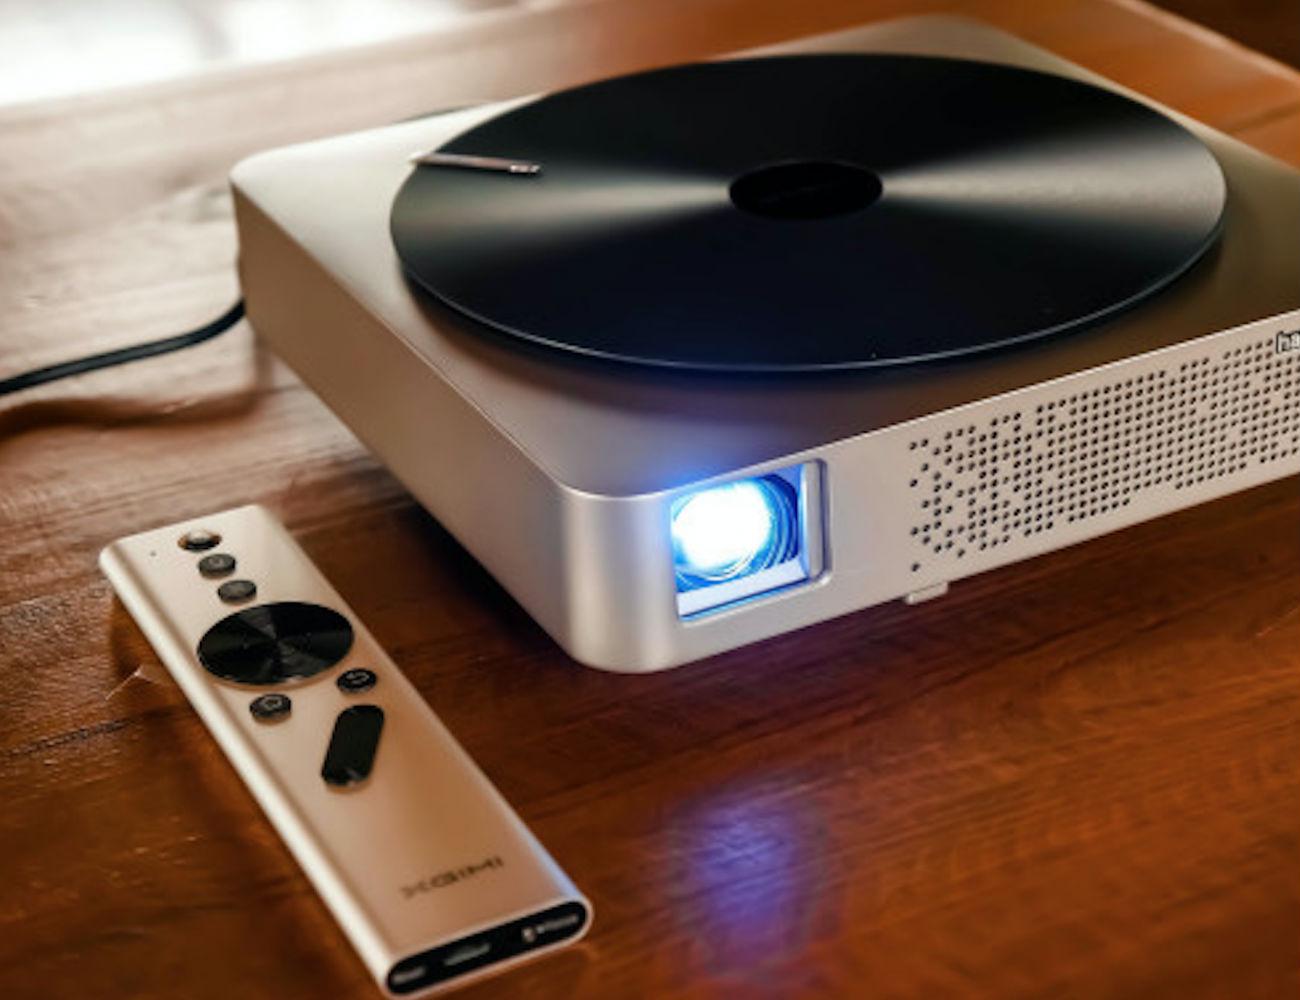 Z4 Aurora Projector by XGIMI